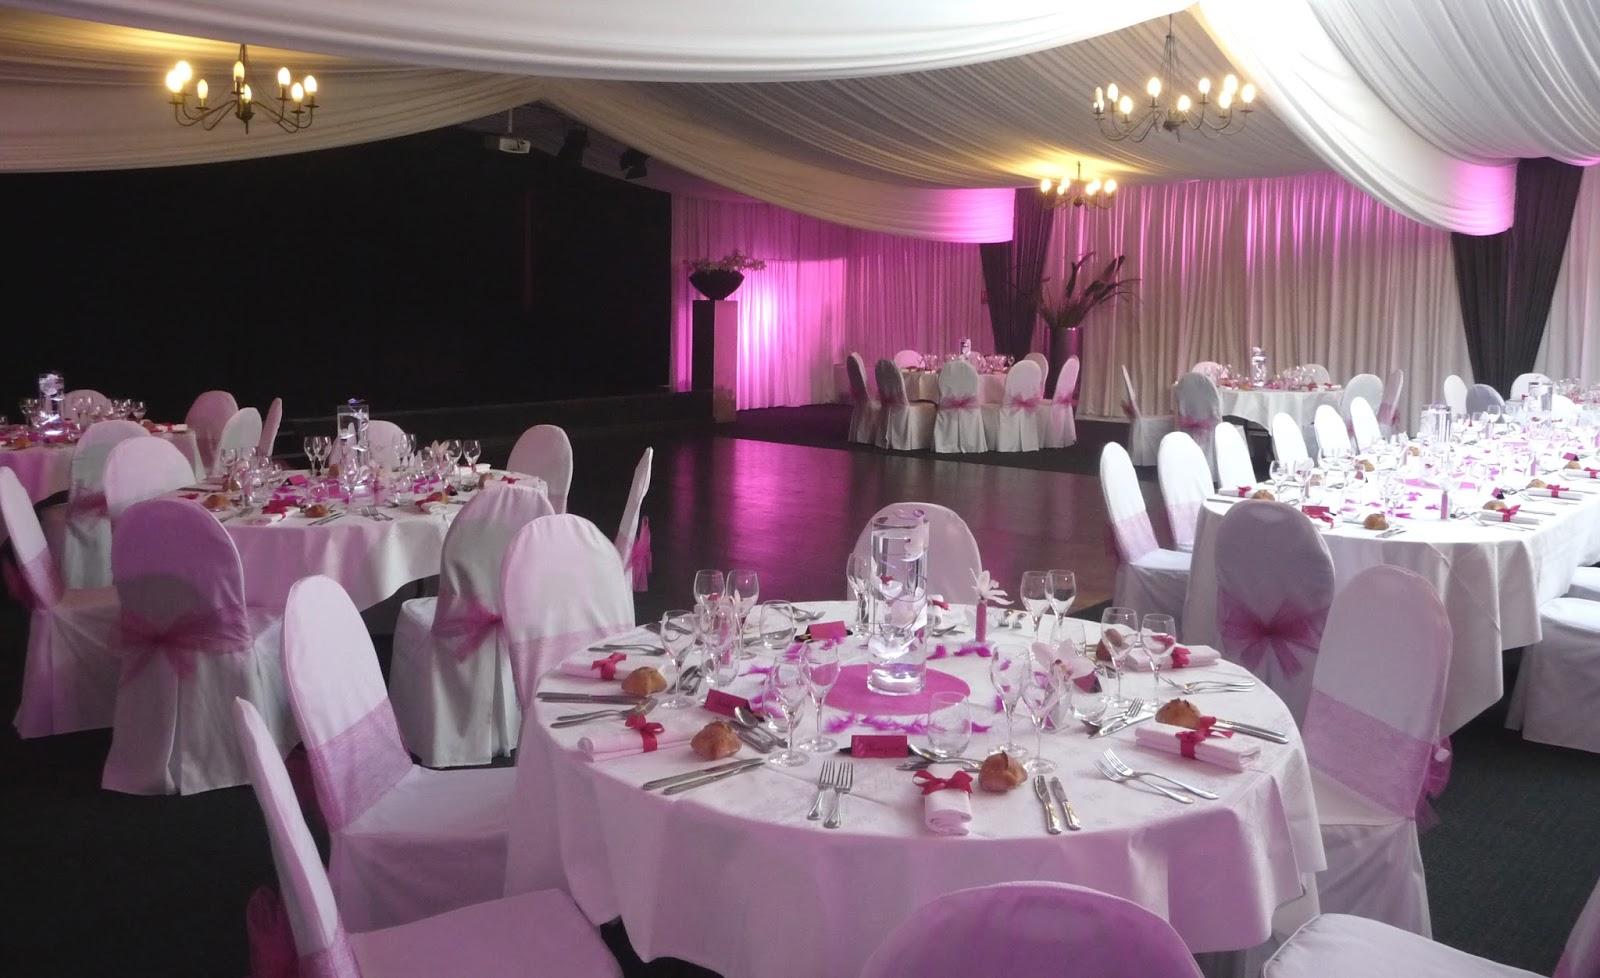 idéé et photo décoration mariage: decoration salle mariage ...